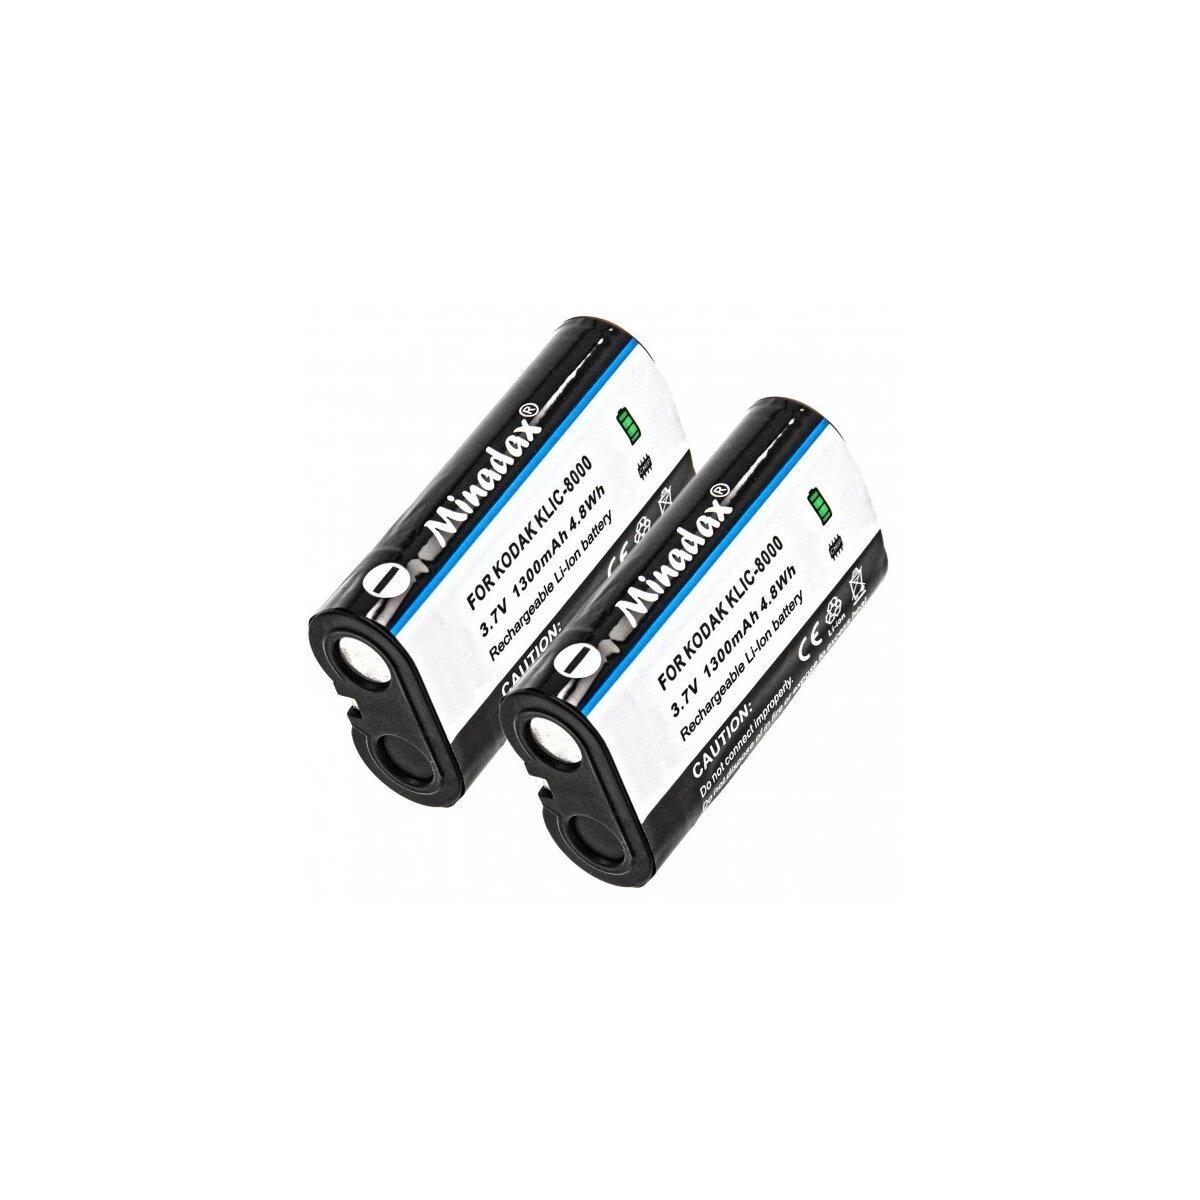 2 x Minadax® Qualitaetsakku mit echten 1300 mAh fuer Kodak EasyShare Z612, Z712 IS, wie KLIC-8000 - Intelligentes Akkusystem mit Chip